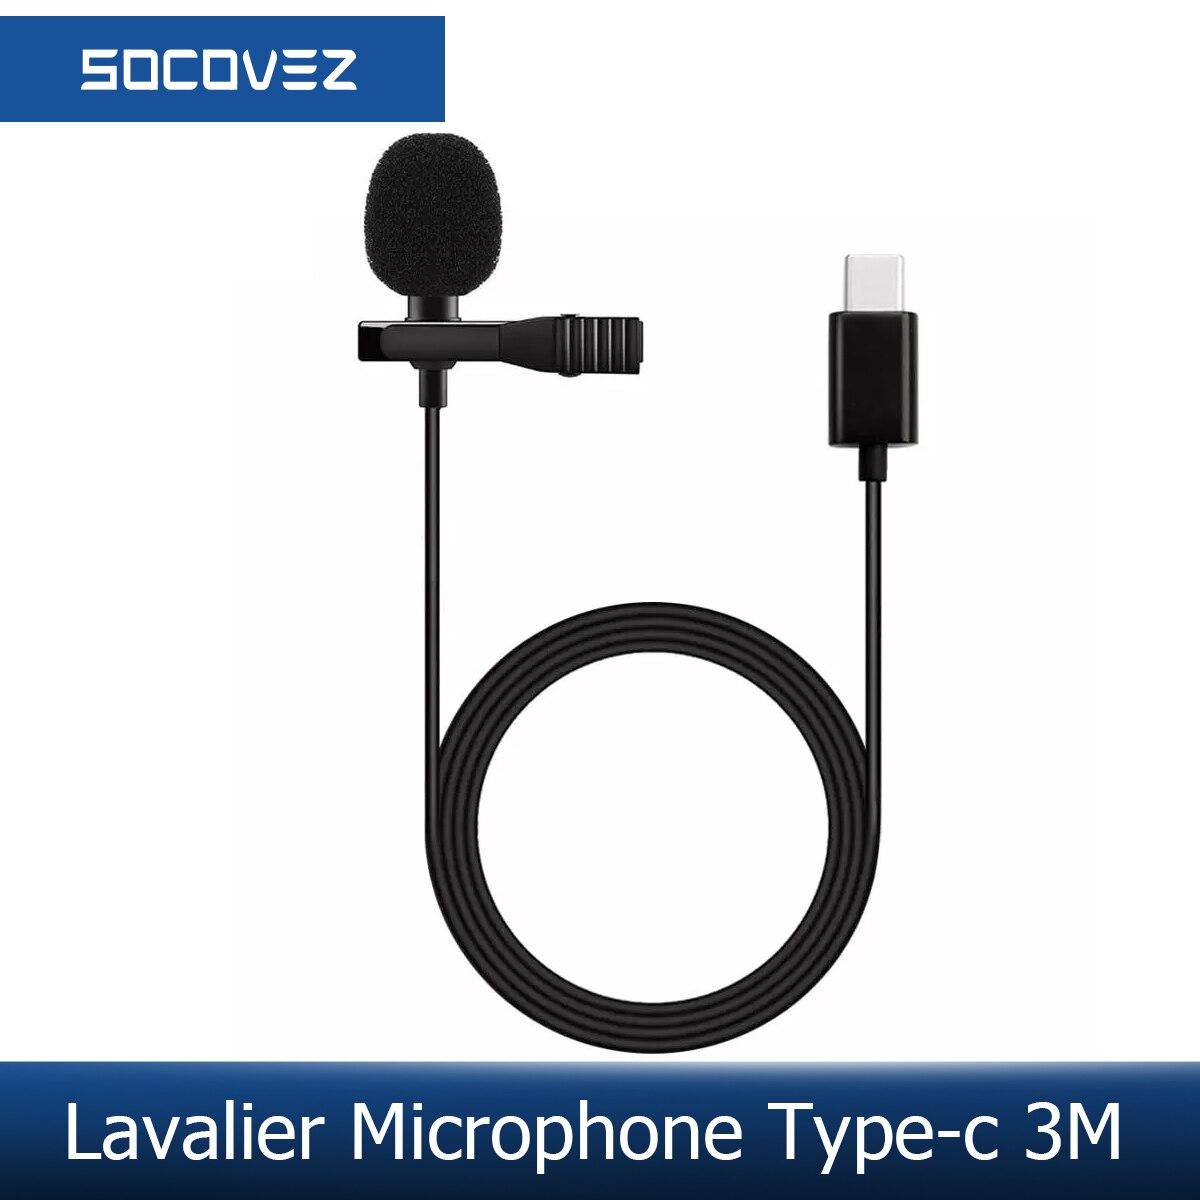 Профессиональный петличный микрофон socopos BassPal, всенаправленный микрофон на лацкане, легкое прикрепление на 360 °, только для устройств интерф...